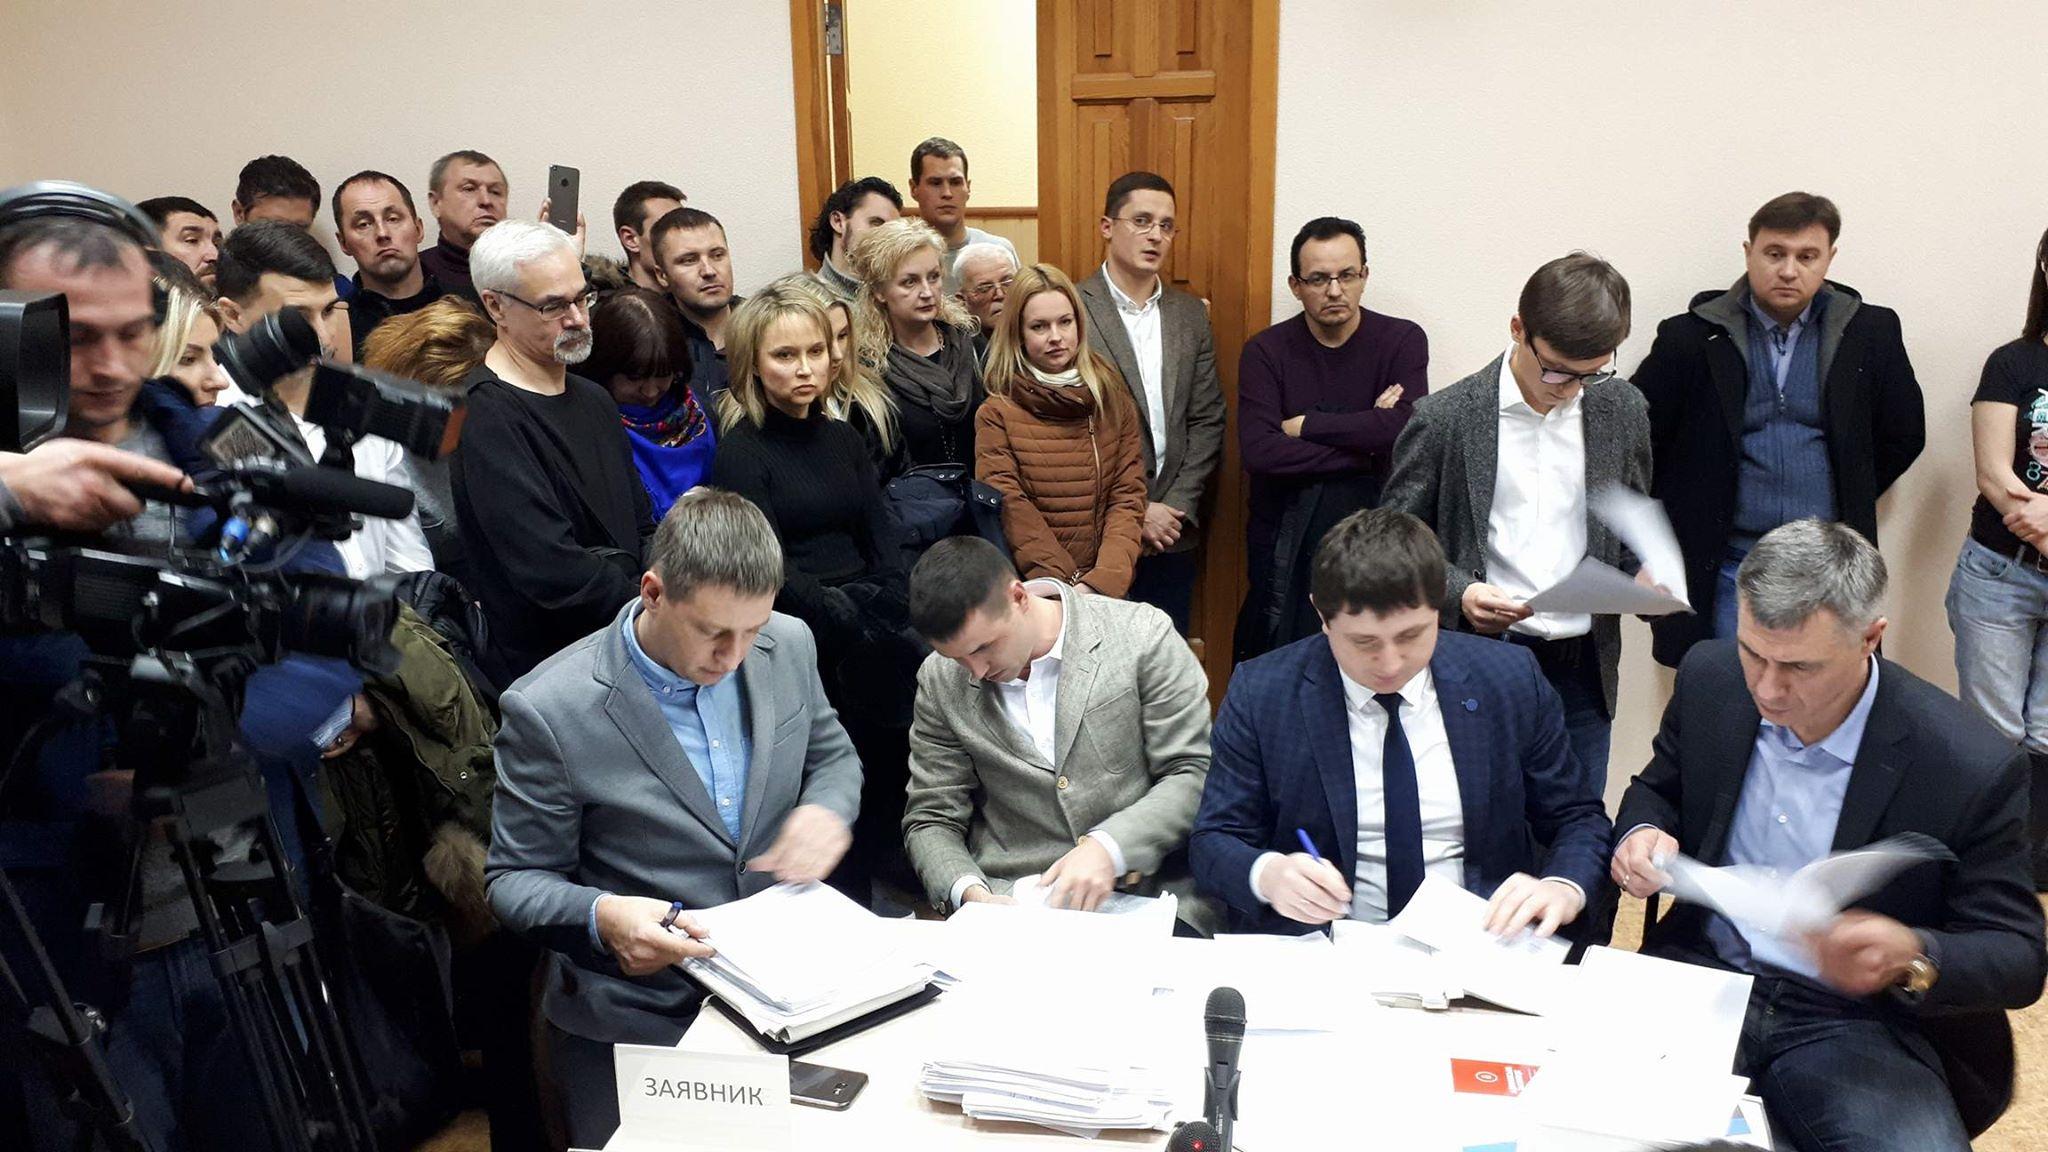 В суде рассматривают апелляцию по изменению меры пресечения для замглавы Запорожского облсовета - ФОТО